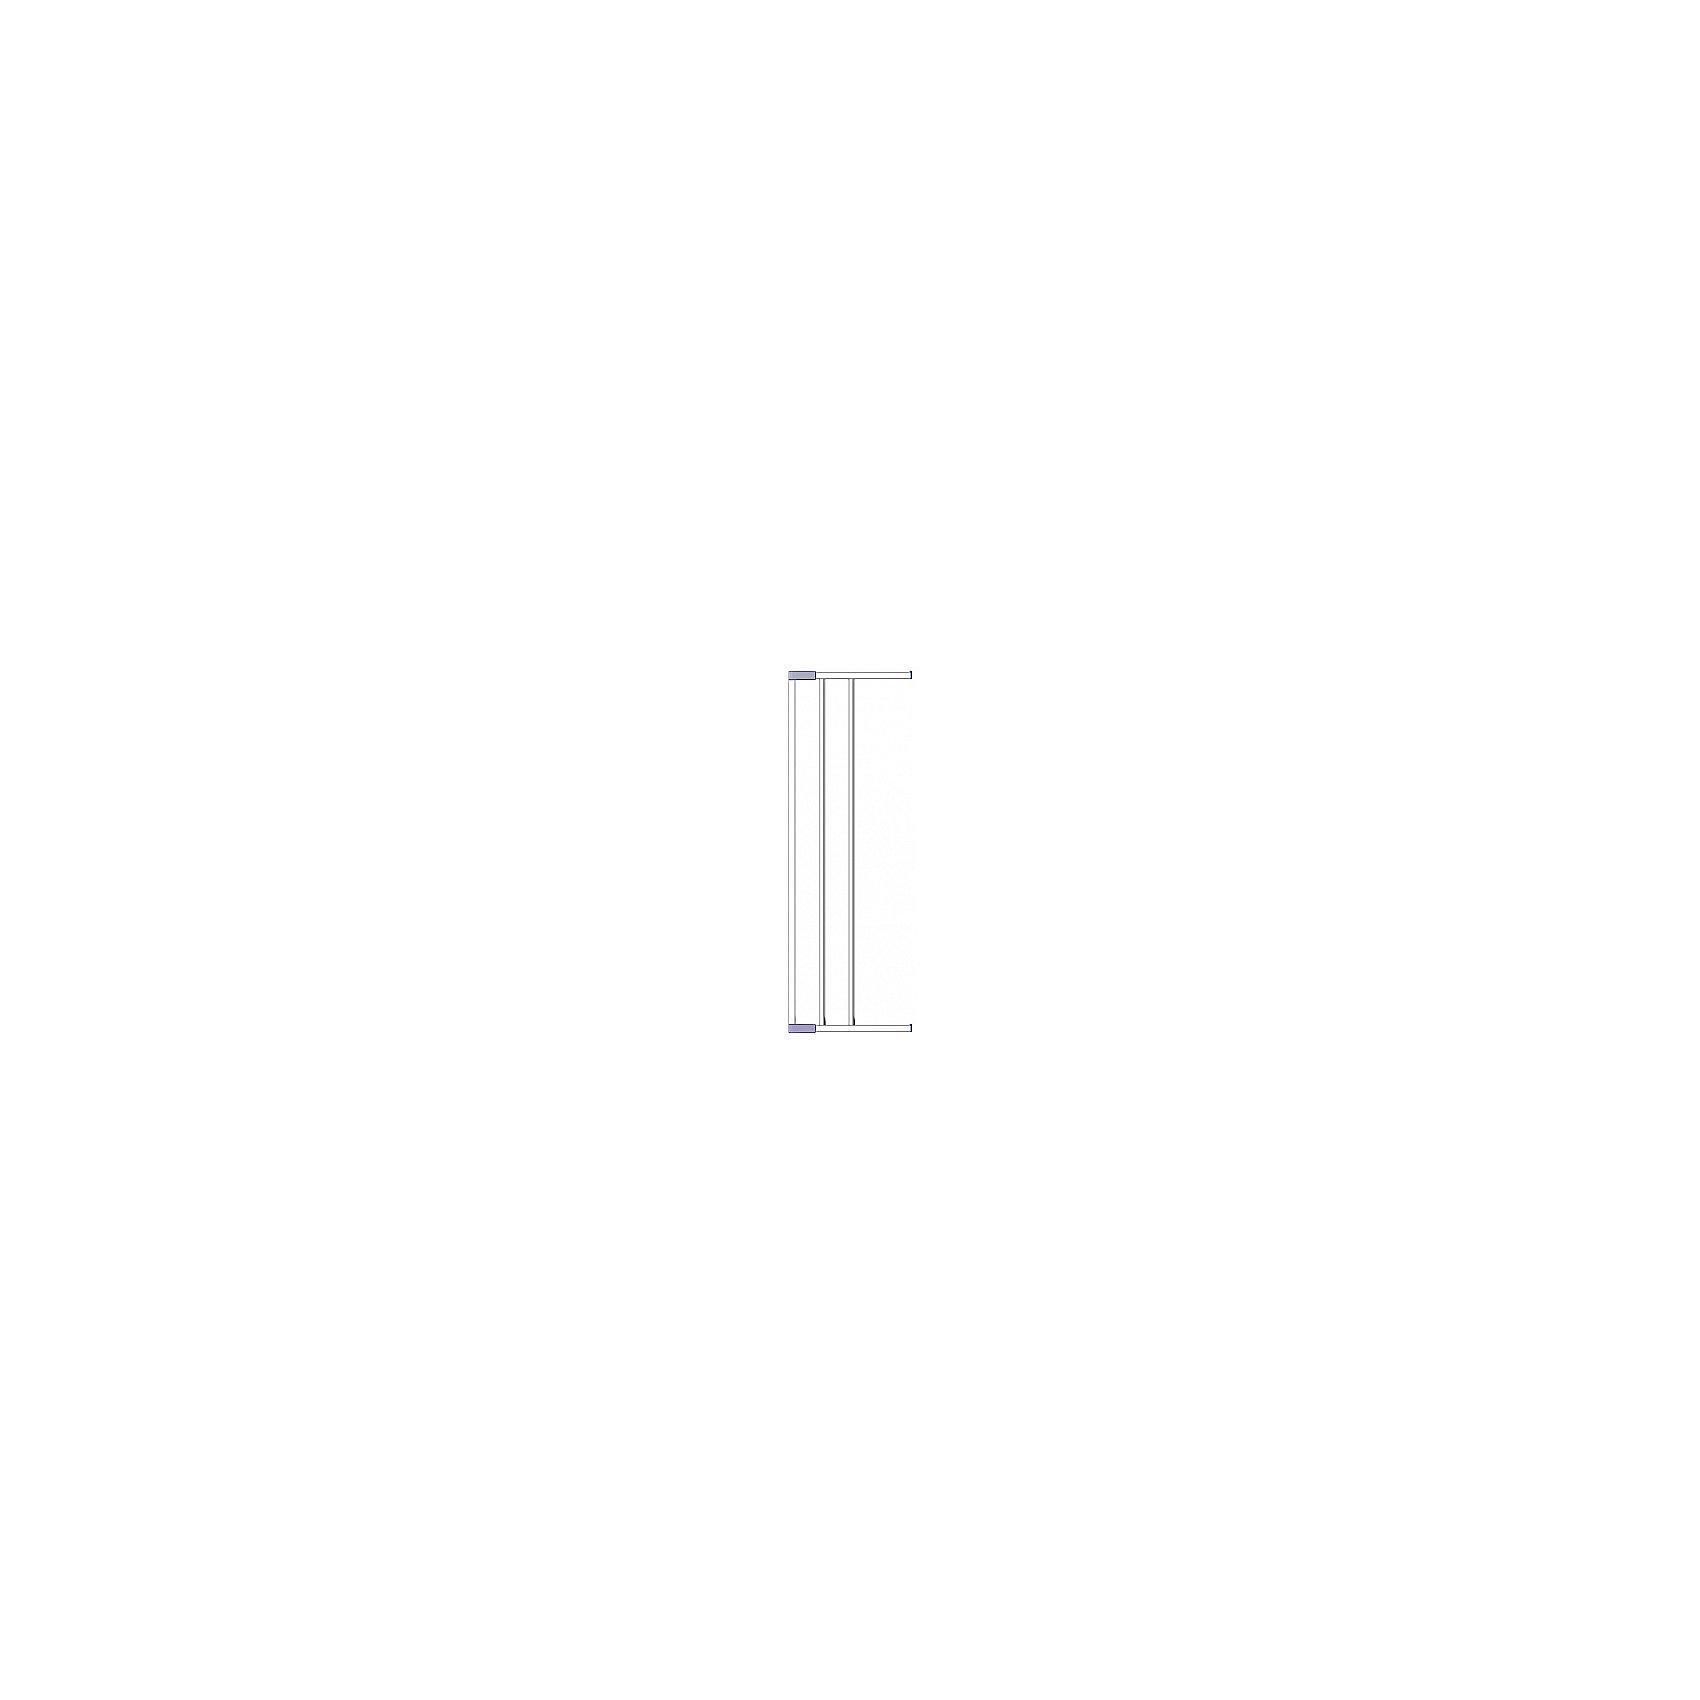 Дополнительная секция к воротам безопасности 18 см, Clippasafe, белыйБлокирующие и защитные устройства для дома<br>Дополнительная секция к воротам безопасности, Clippasafe, поможет Вам оптимально настроить ворота, удлинив их до нужного размера. Ворота безопасности (продаются отдельно) представляют собой защитный барьер, который ограничивает доступ ребенку в места, где ему по соображениям безопасности нежелательно находиться, например хозяйственное помещение или крутая лестница. Простая конструкция легко устанавливается в дверной проем или проход и не портит внешний вид помещения. Для удобства взрослых предусмотрена блокирующаяся калитка, дающая возможность свободного прохода через ворота. Секция совместима с воротами безопасности модели CL132, она удлиняет защитную калитку на 18 см. <br><br>Дополнительная информация:<br><br>- Цвет: белый.<br>- Материал: металл.<br>- Размер секции: 18 см.<br>- Размер упаковки: 18 х 75 см. <br>- Вес: 1,2 кг.<br><br>Дополнительная секция к воротам безопасности 18 см., Clippasafe, белый, можно купить в нашем интернет-магазине.<br><br>Ширина мм: 750<br>Глубина мм: 240<br>Высота мм: 20<br>Вес г: 1200<br>Возраст от месяцев: 0<br>Возраст до месяцев: 24<br>Пол: Унисекс<br>Возраст: Детский<br>SKU: 4722142